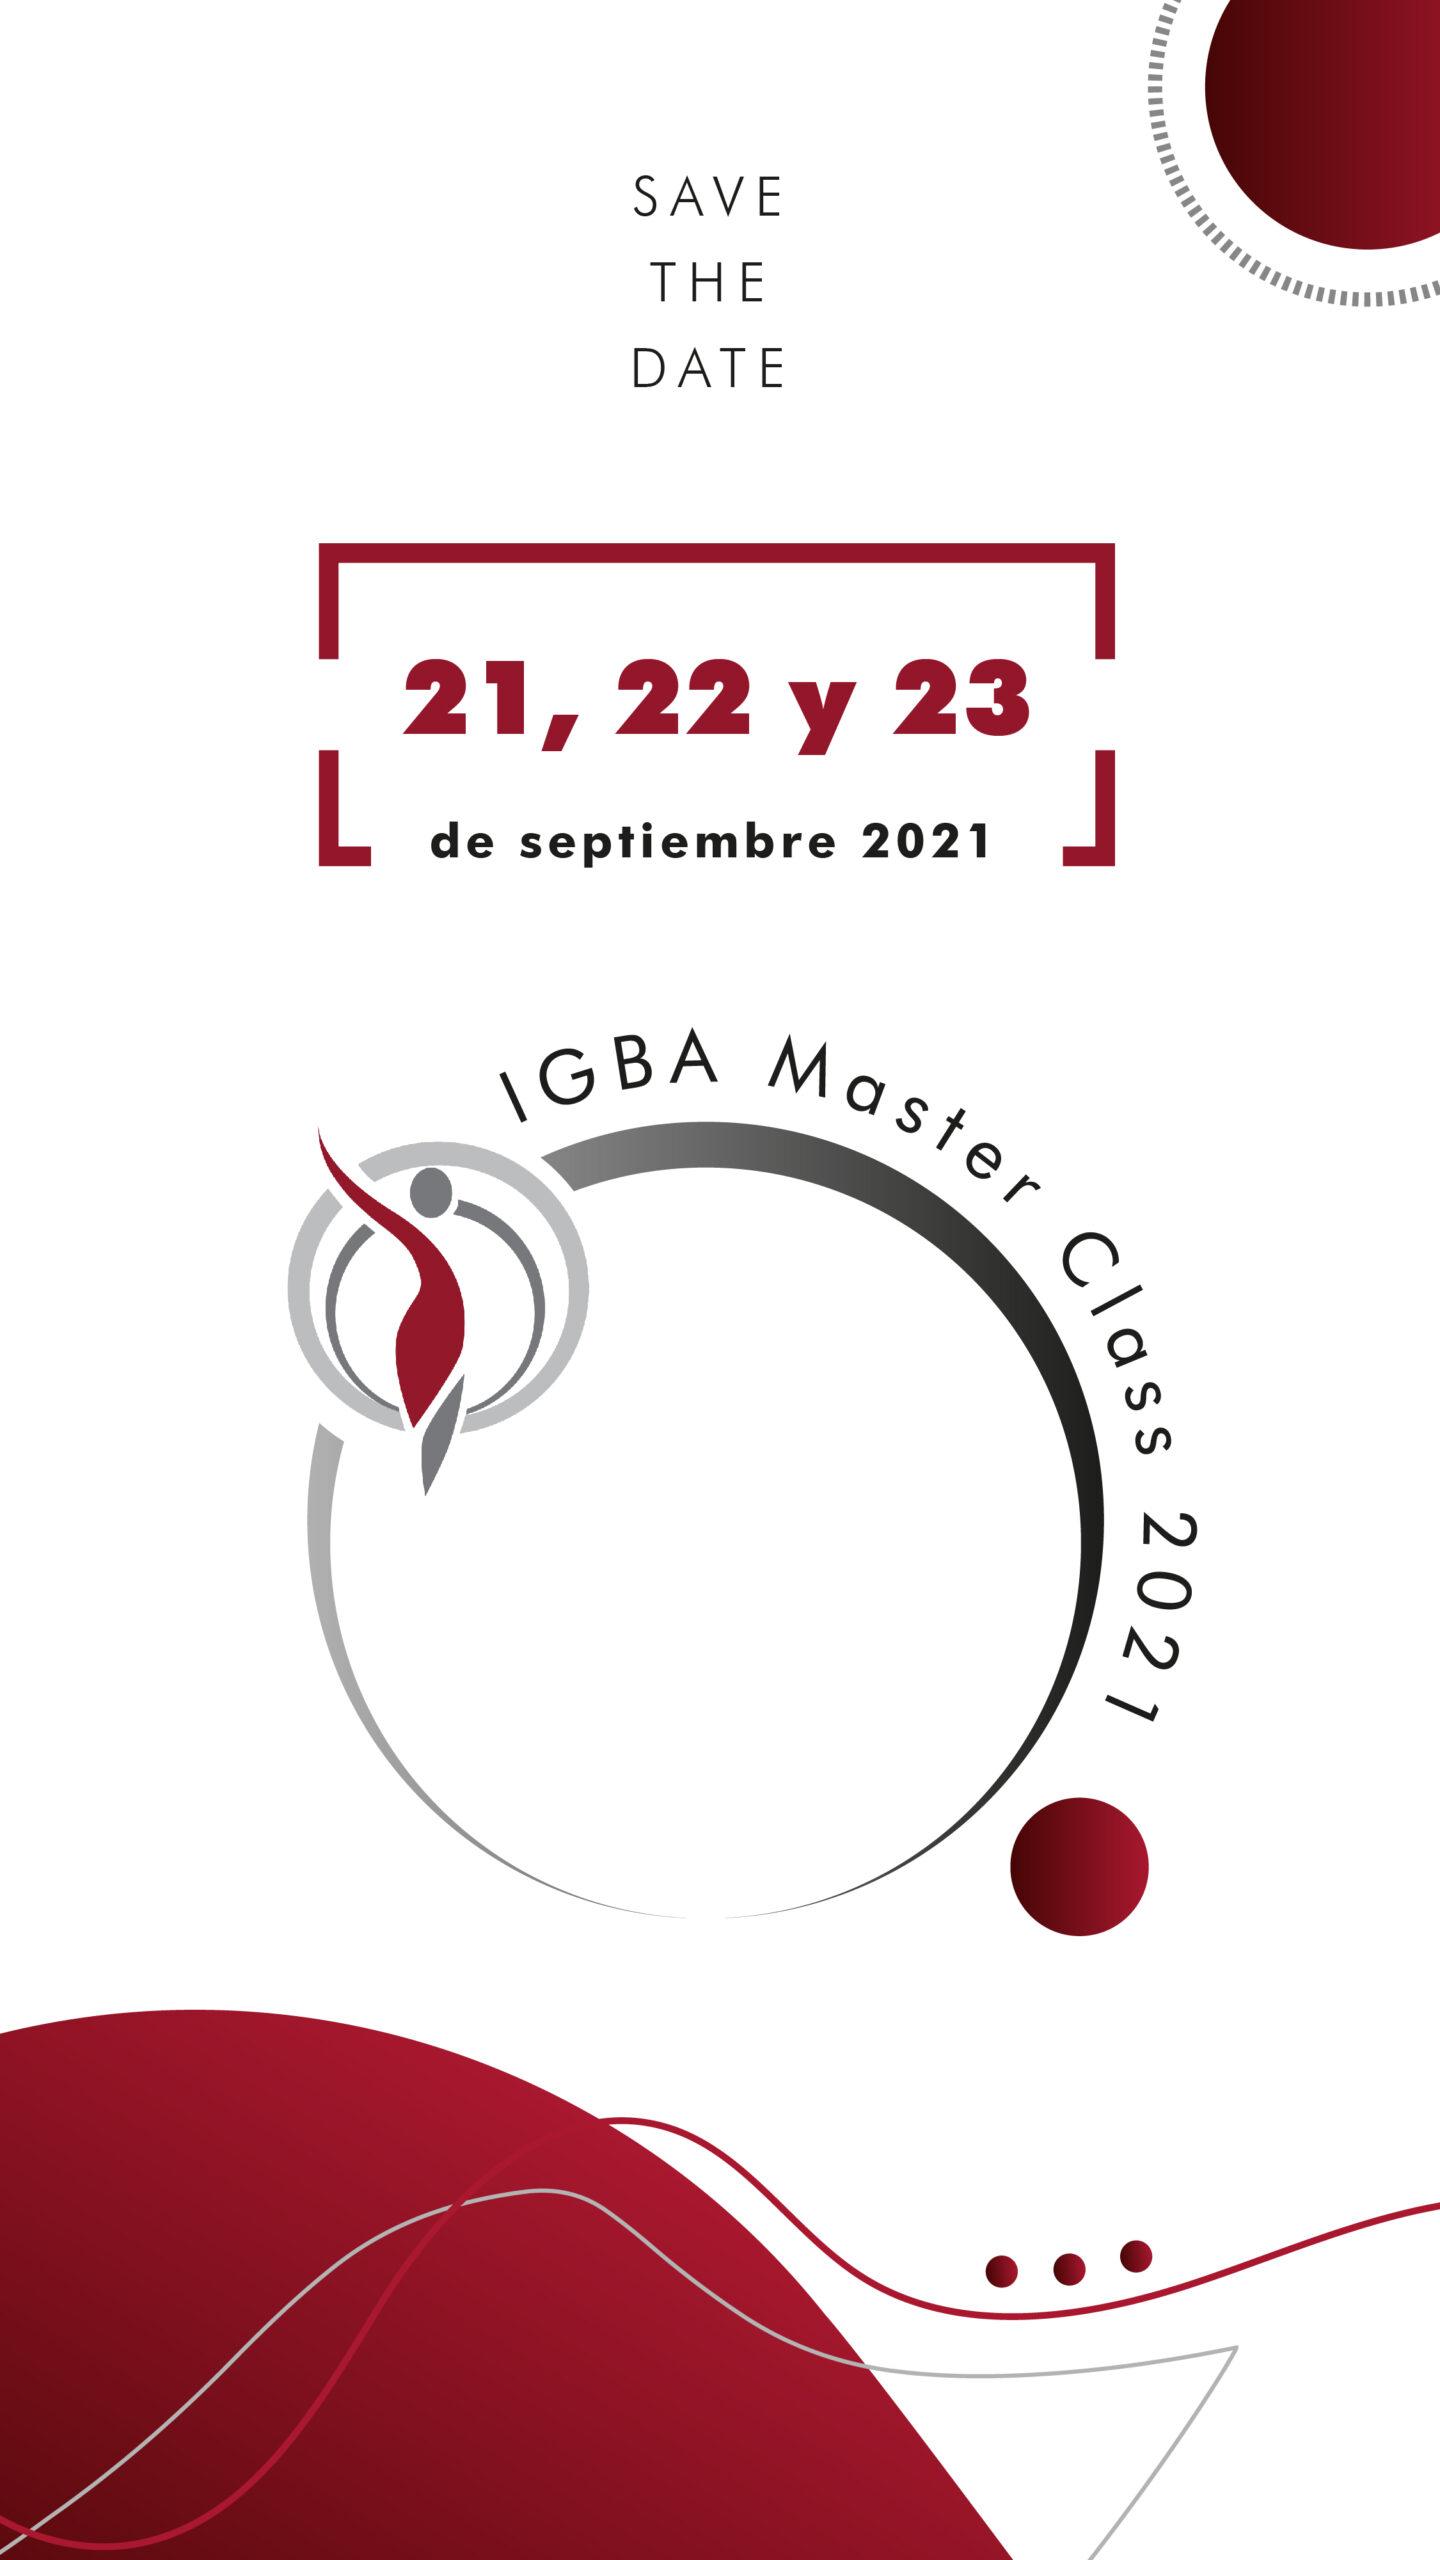 IGBA MC Save the date